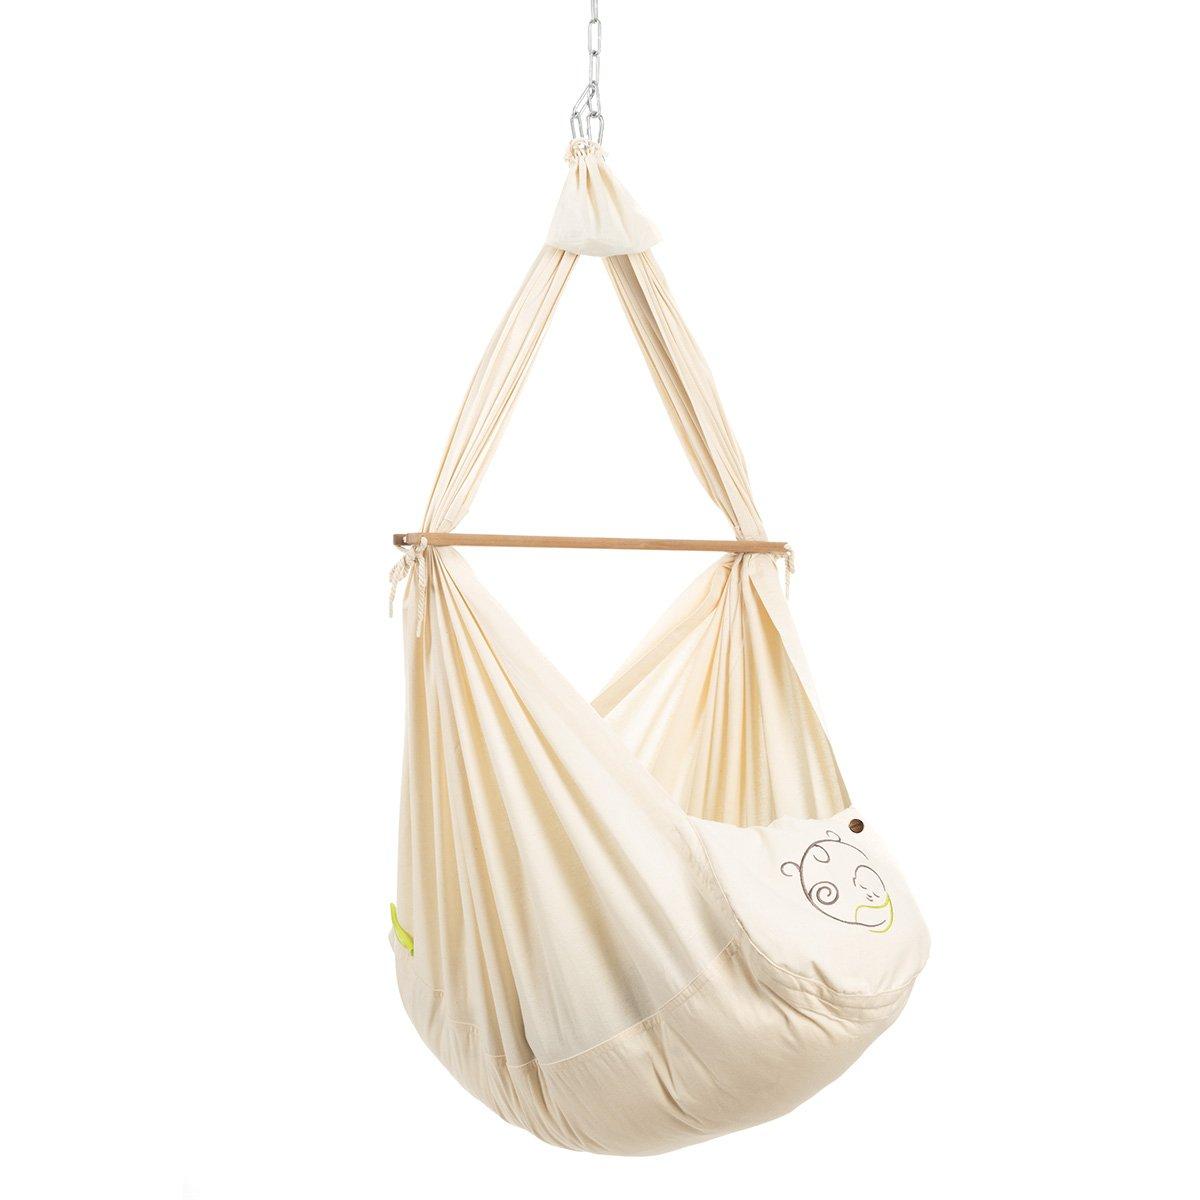 NONOMO® Federwiegen-Set Baby Classic mit Kunstfaser-Matratze und Deckenbefestigung - natur